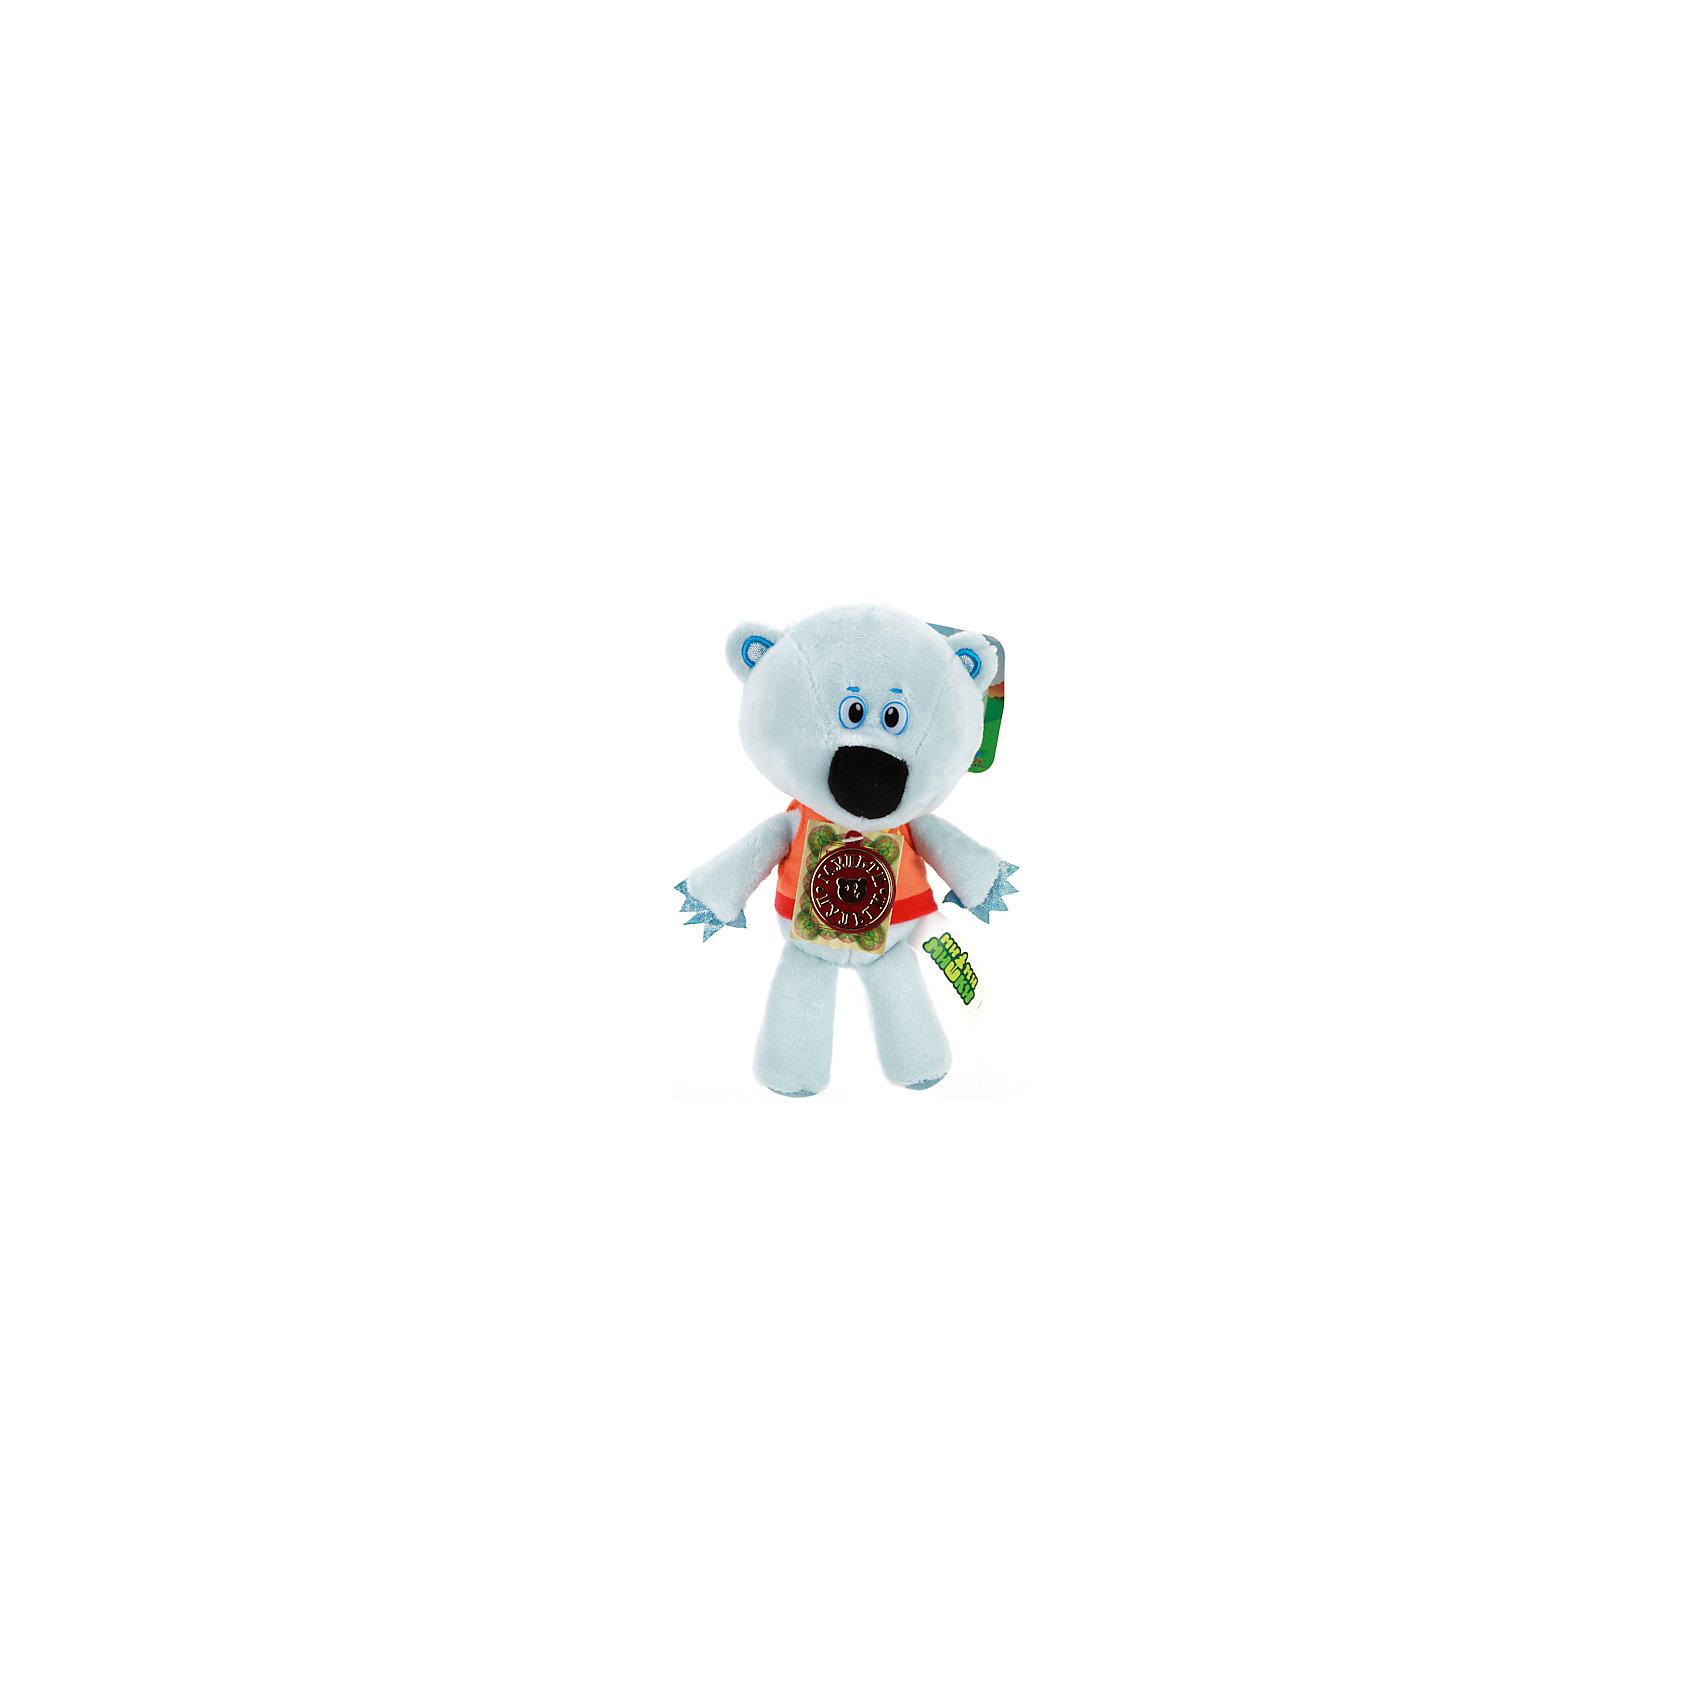 МУЛЬТИ-ПУЛЬТИ Мягкая игрушка Медвежонок белая тучка, 20 см, Мульти-Пульти мульти пульти мягкая игрушка принцесса луна 18 см со звуком my little pony мульти пульти